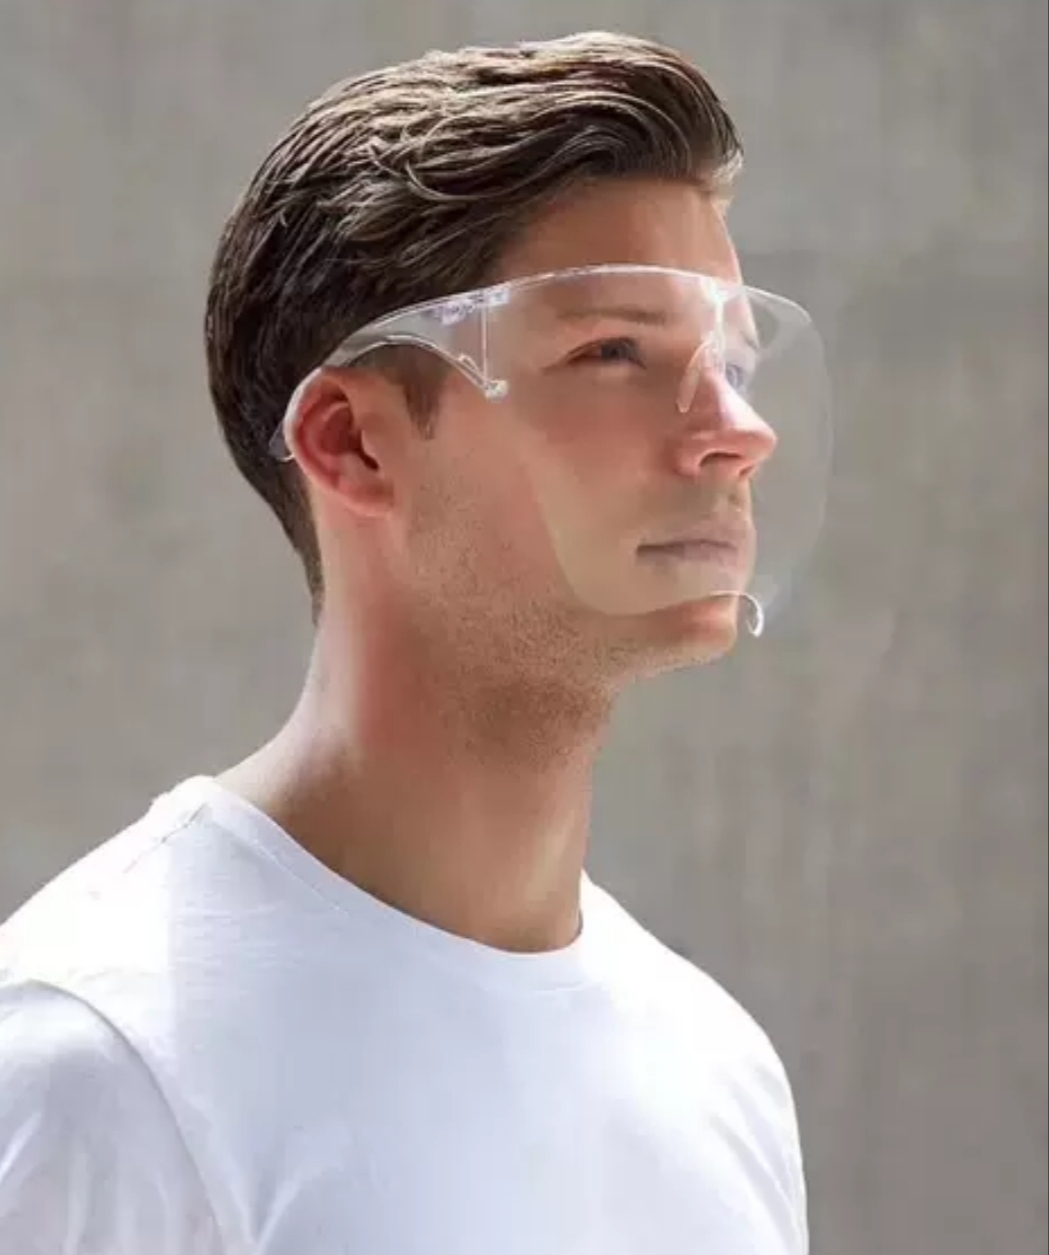 Kính che mặt chống giọt bắn , thời trang dễ sử dụng có gọng gương, an toàn có hộp 2